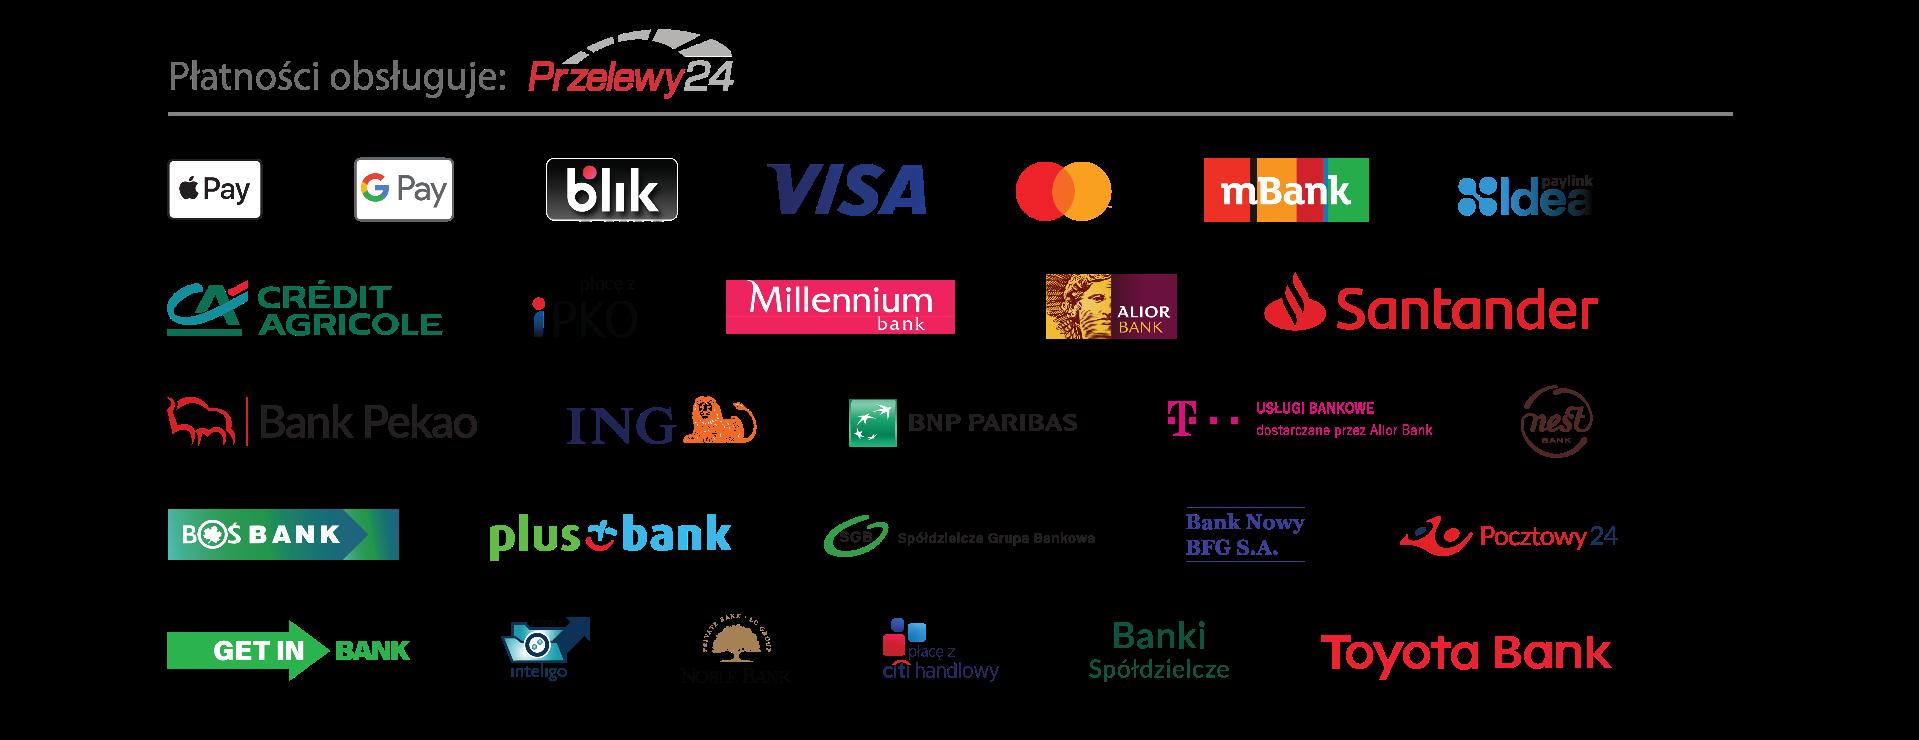 szybkie płatności elektroniczne przelewy24